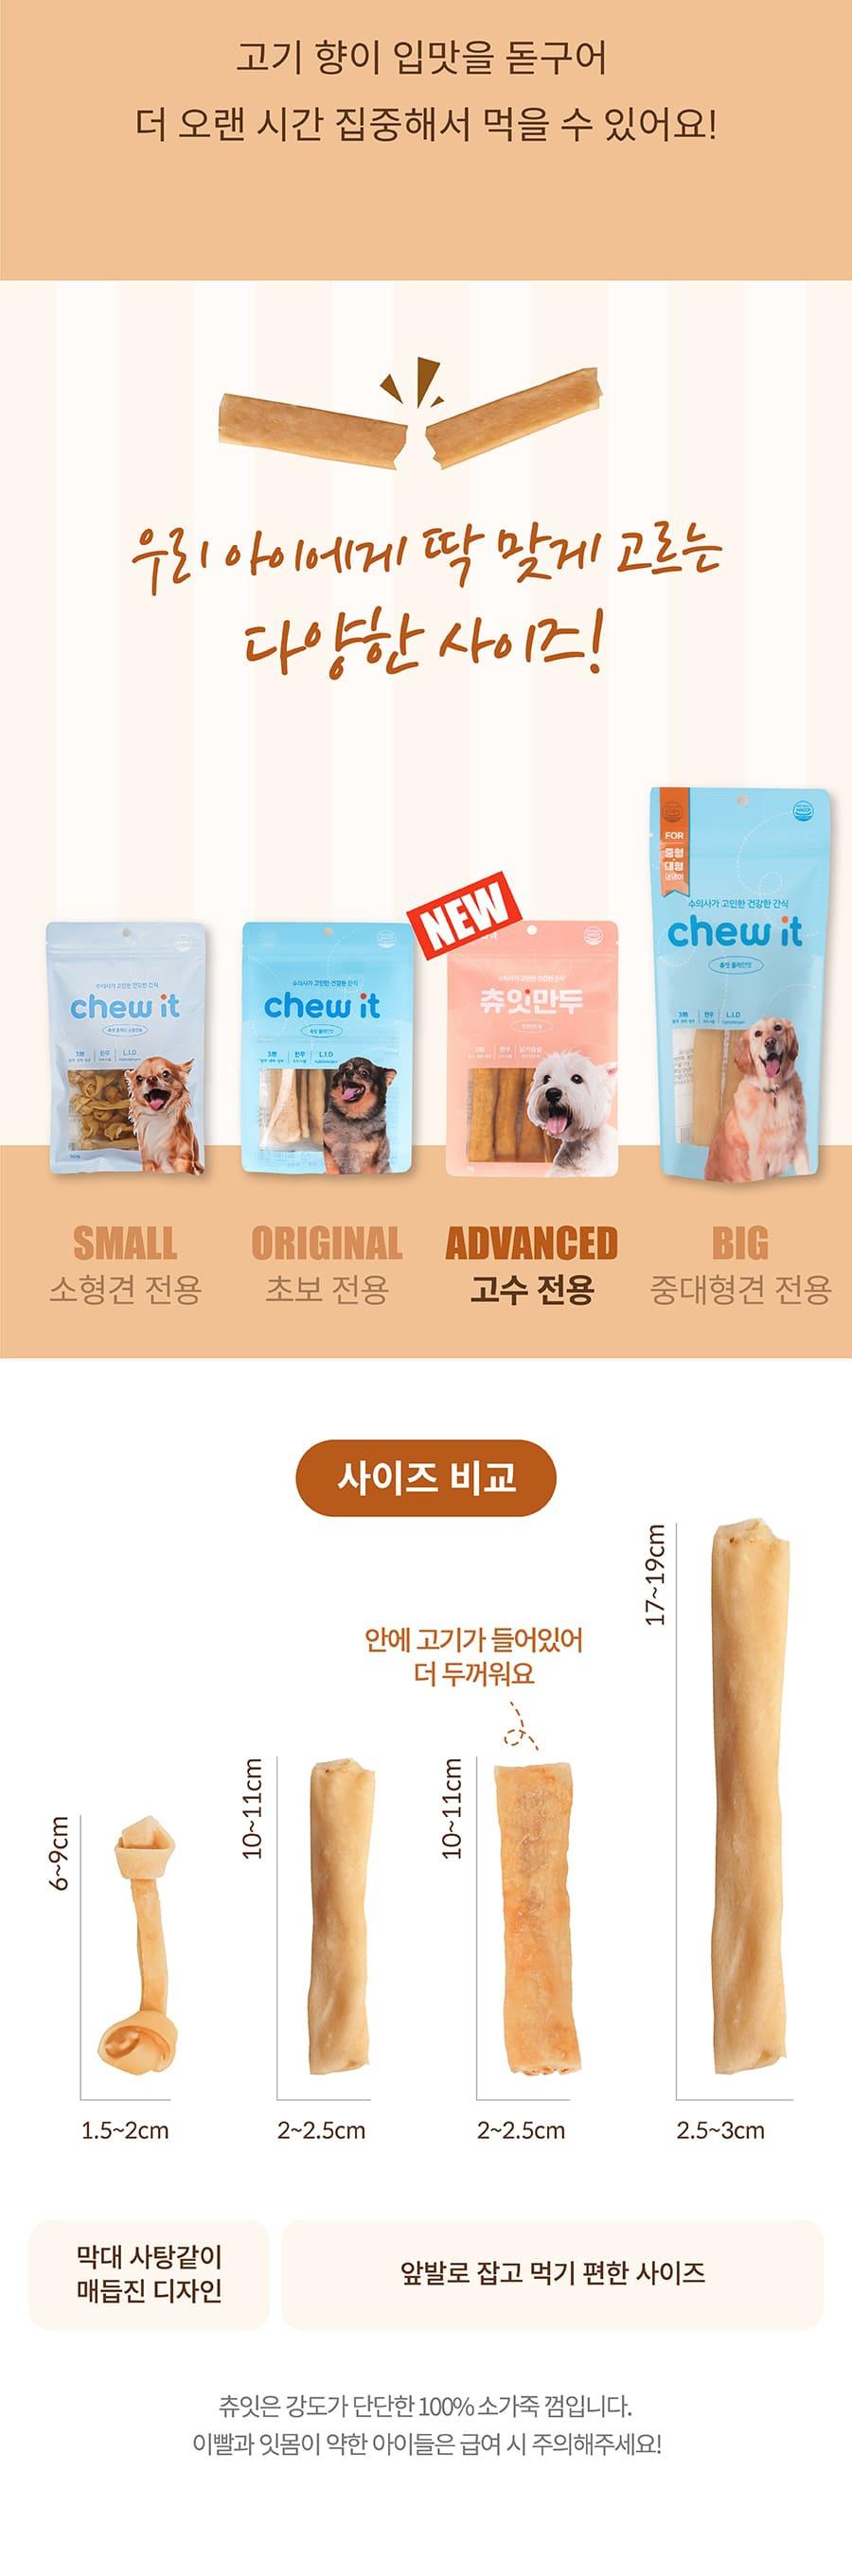 [오구오구특가]it 츄잇 만두 닭/오리/칠면조 (3개세트)-상품이미지-3